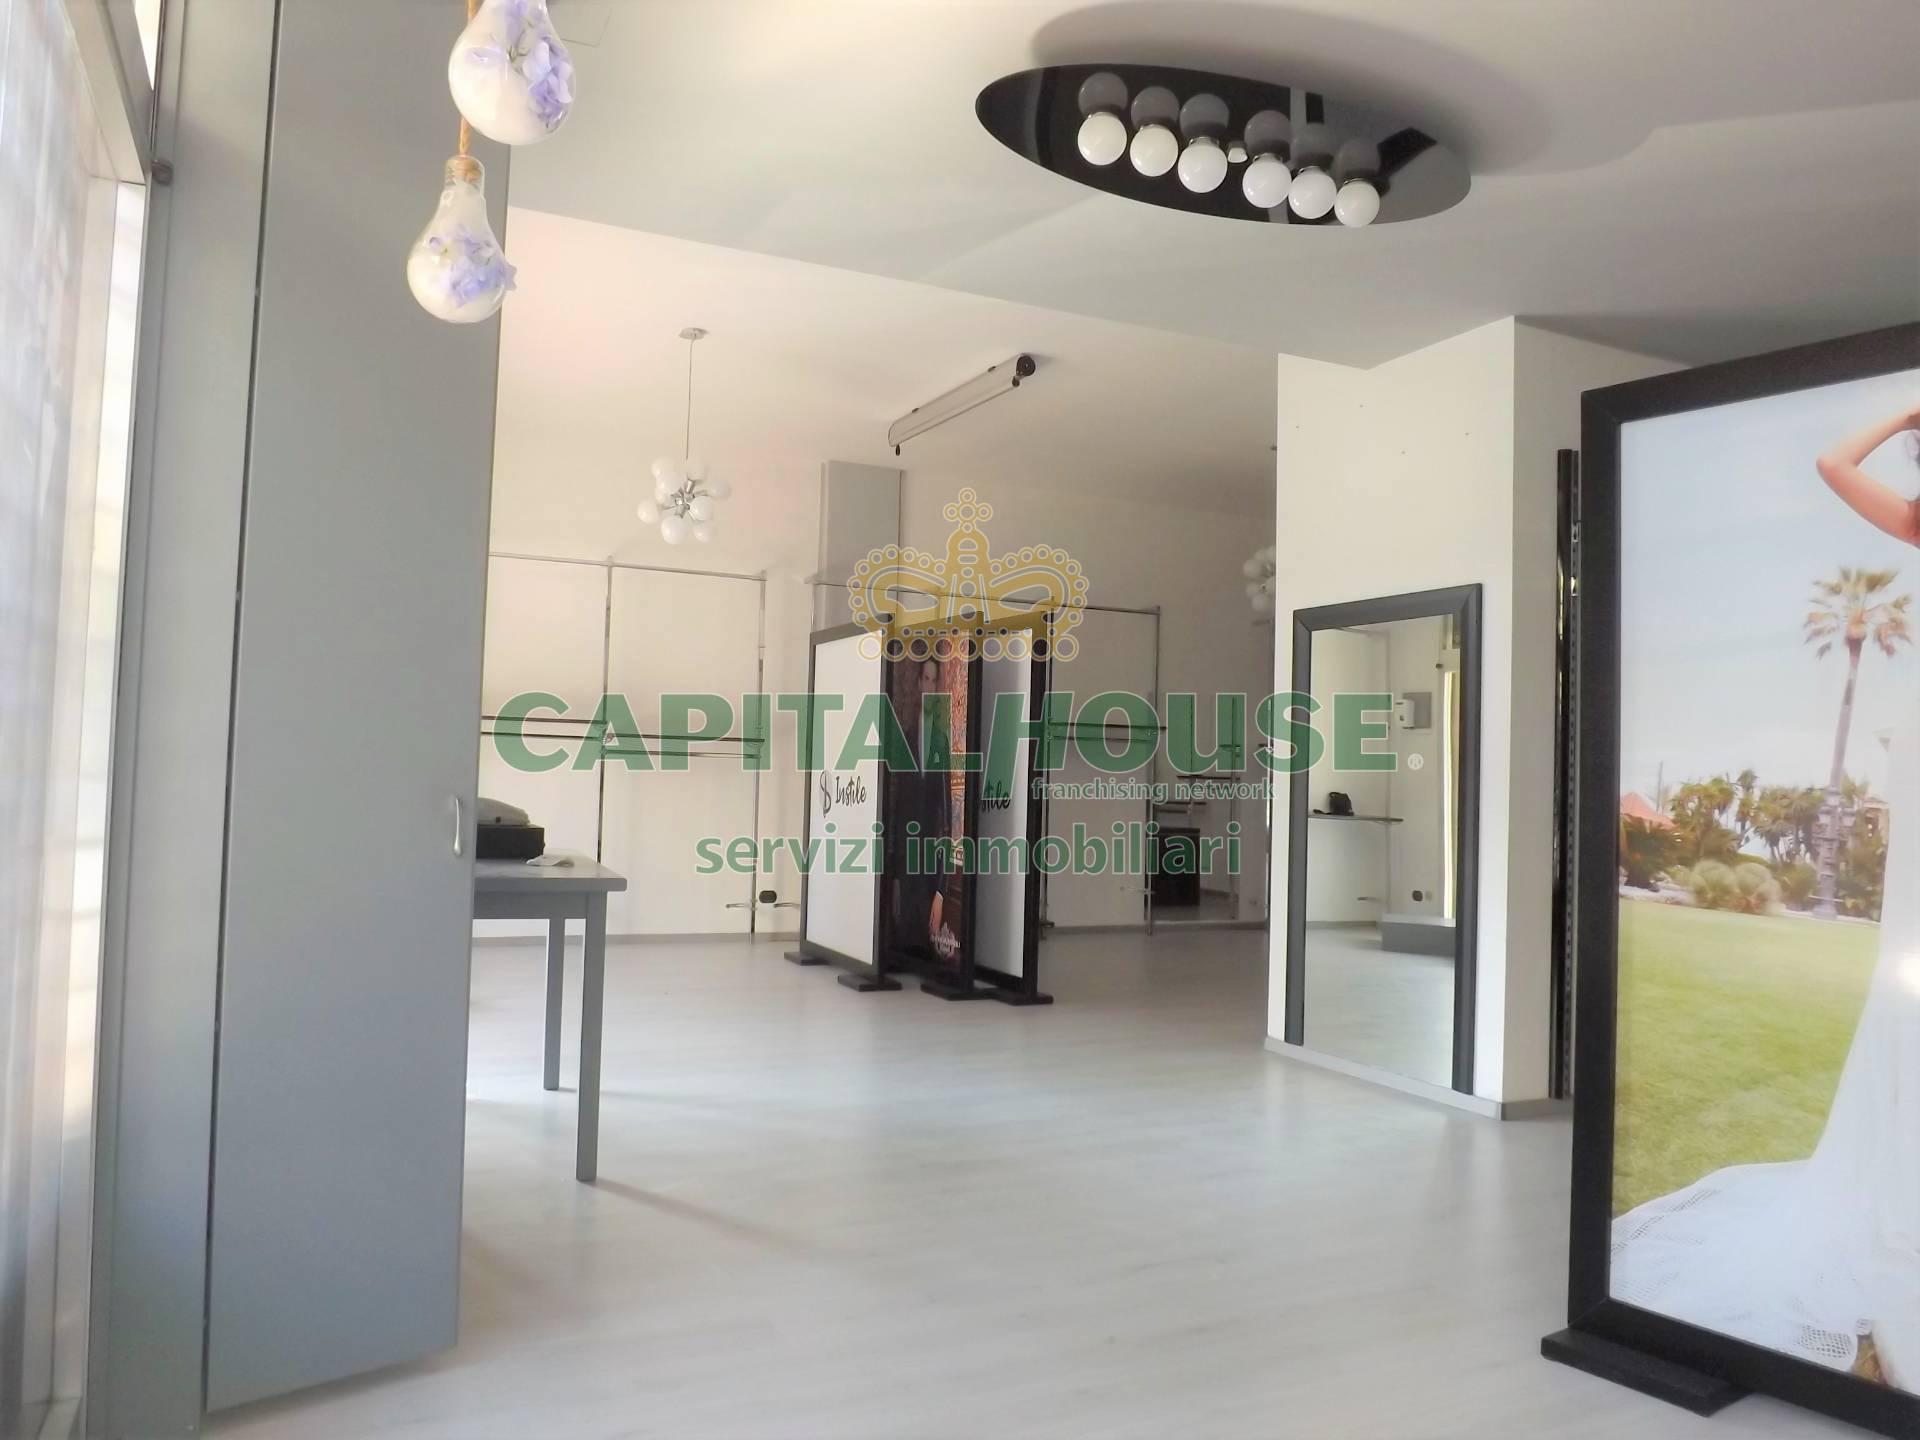 Negozio / Locale in affitto a Atripalda, 9999 locali, prezzo € 1.000 | CambioCasa.it